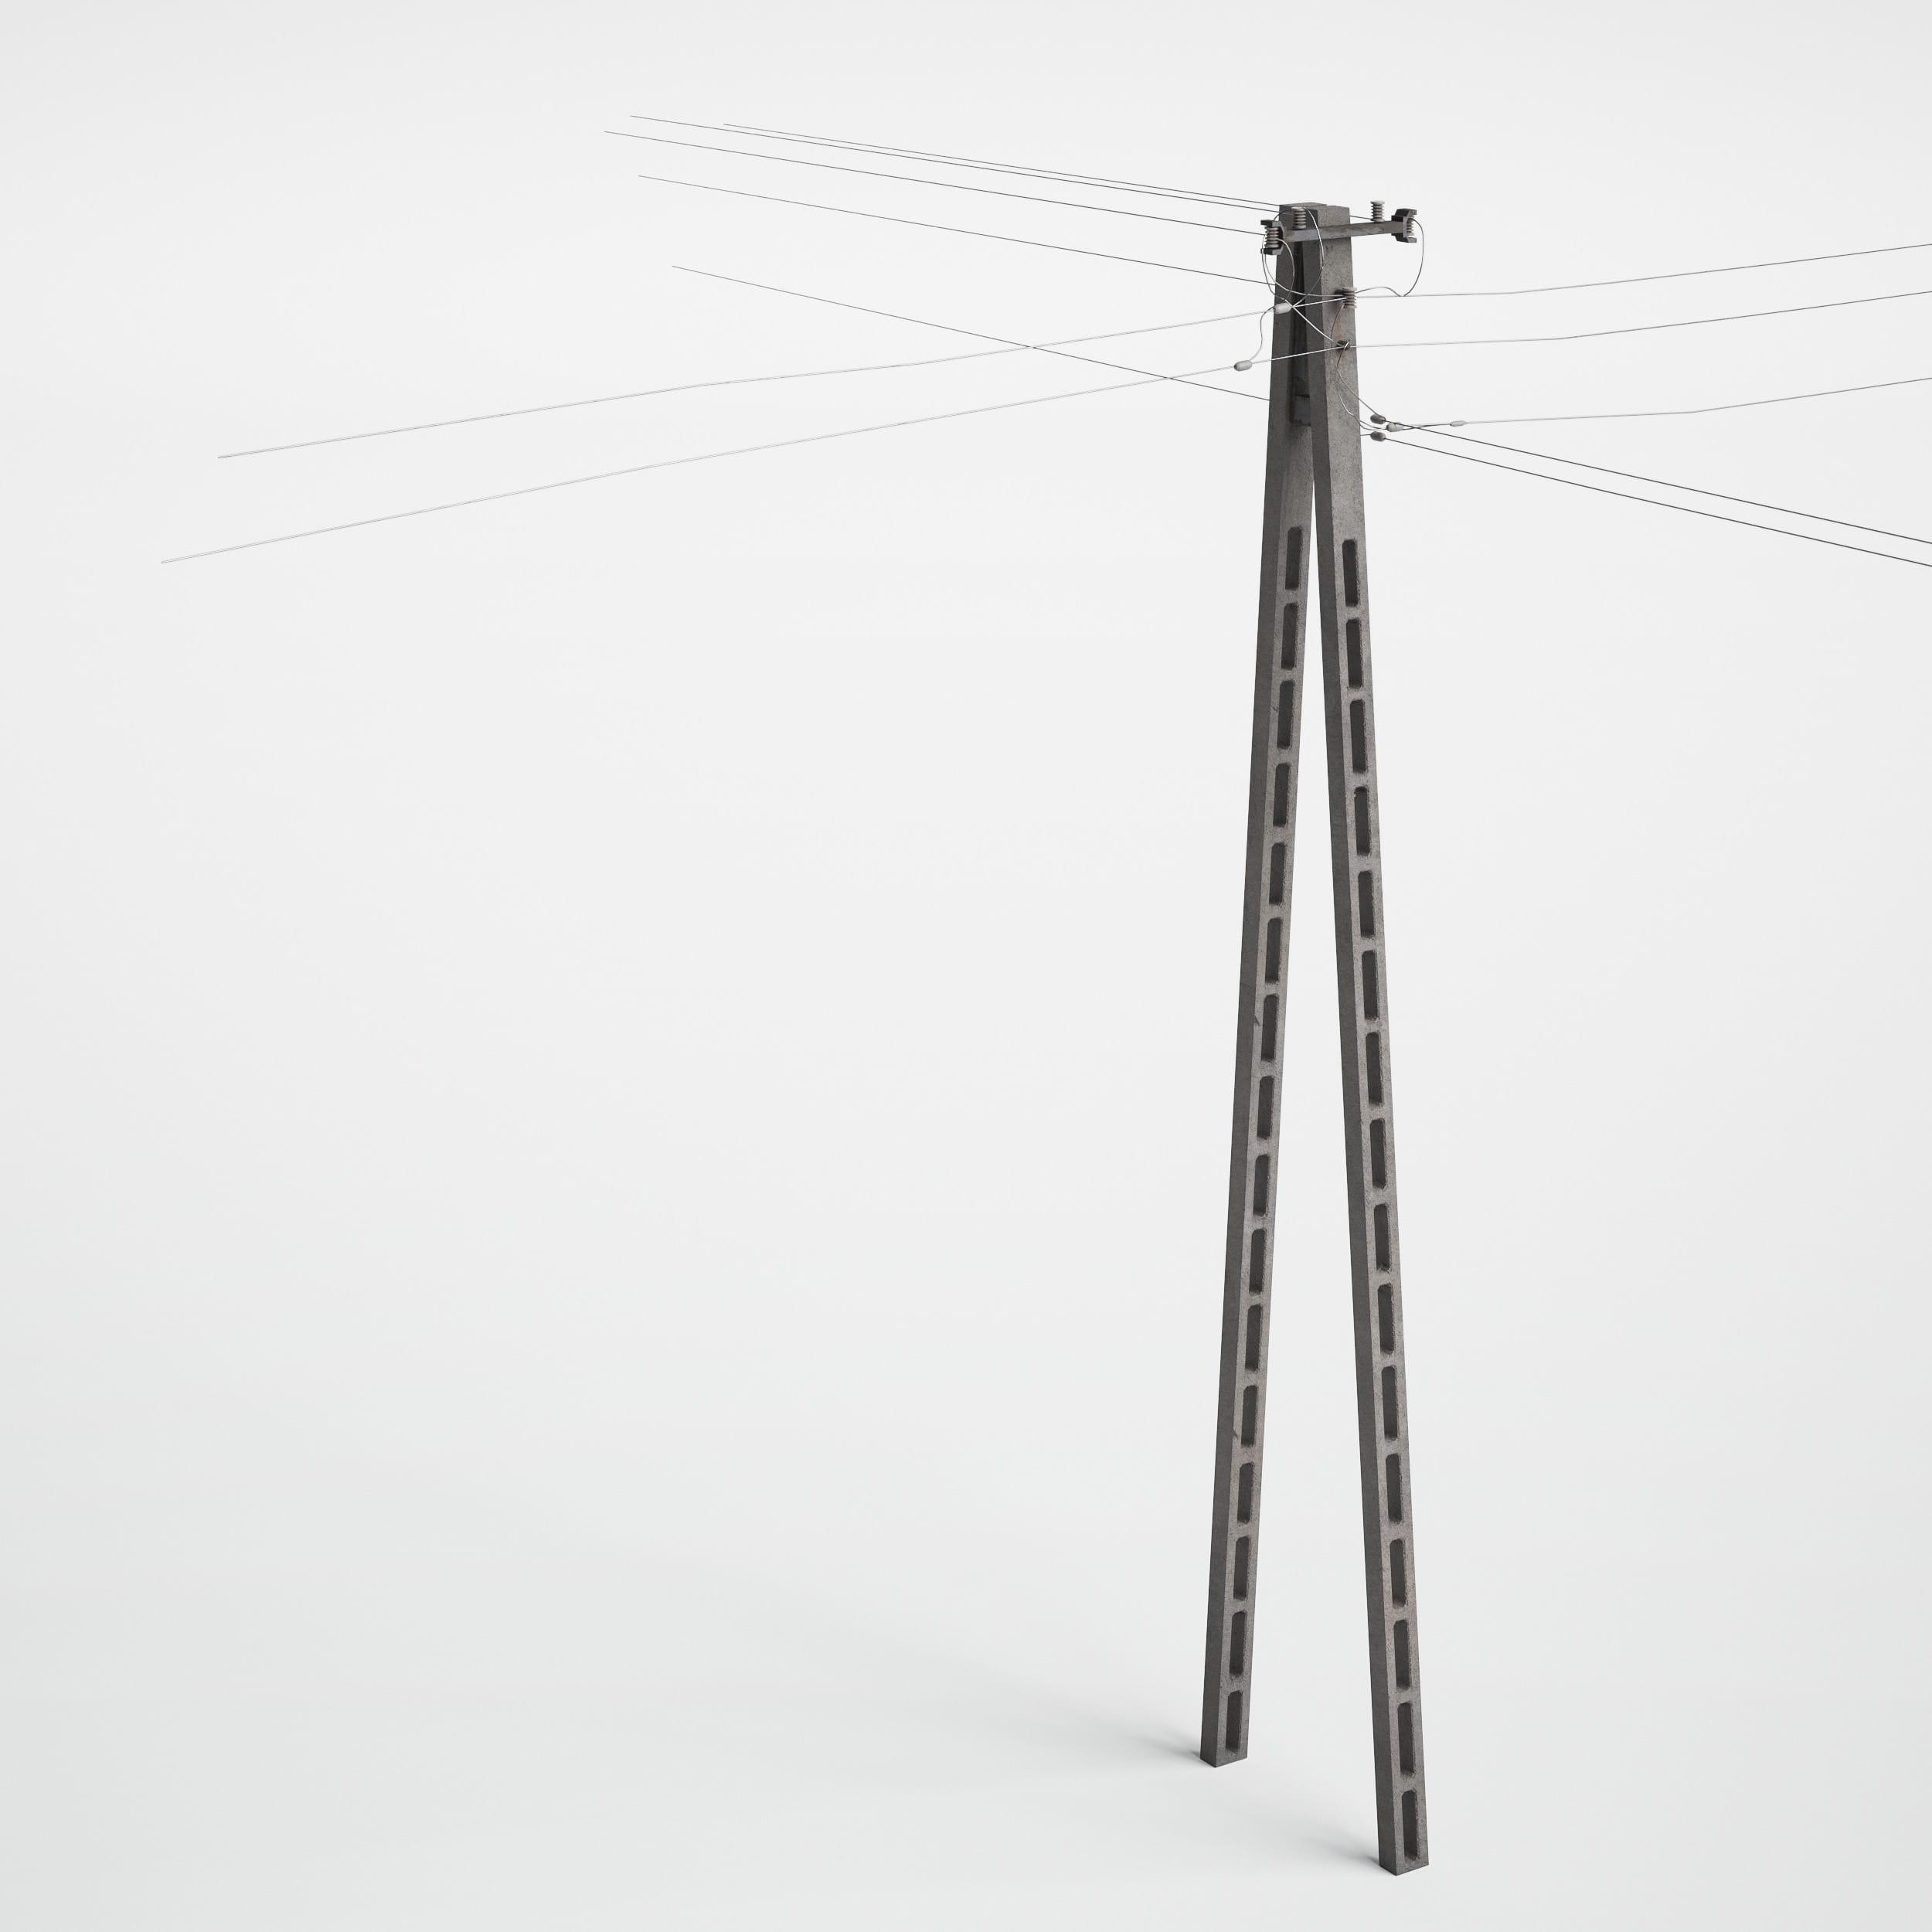 utility pole 29 AM227 Archmodels